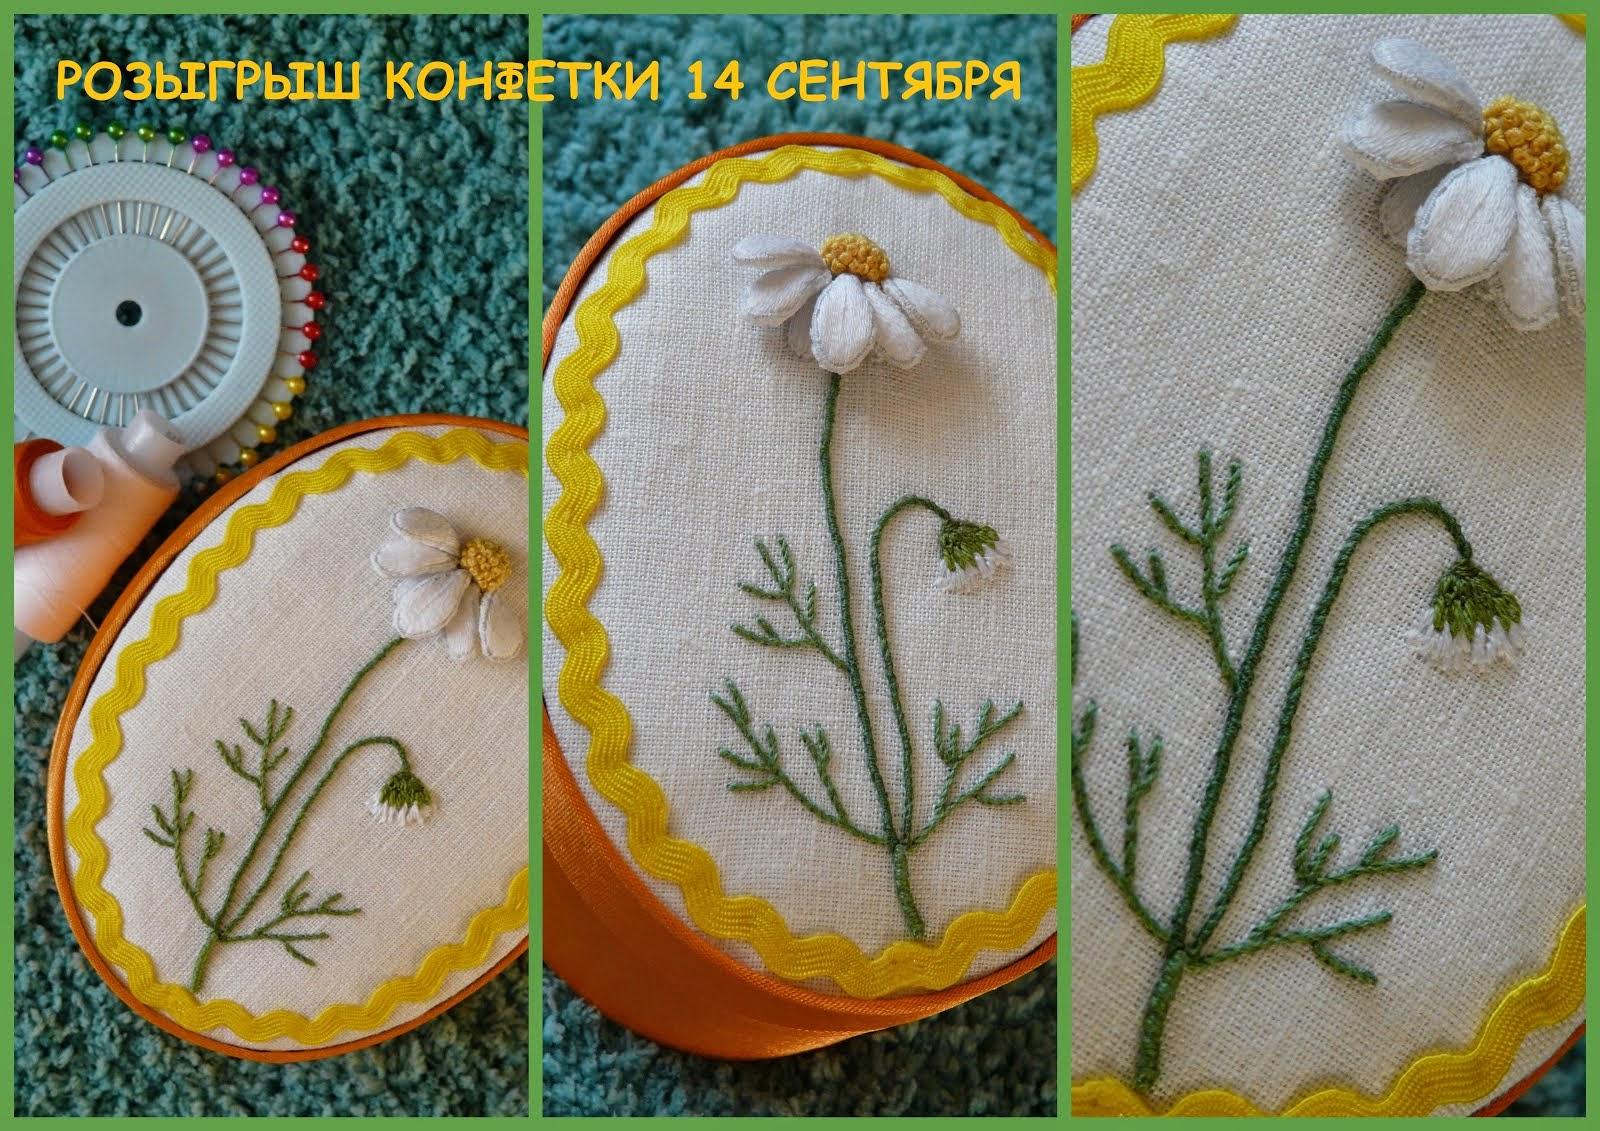 Книжно-вышивальная конфетка до 14 сентября